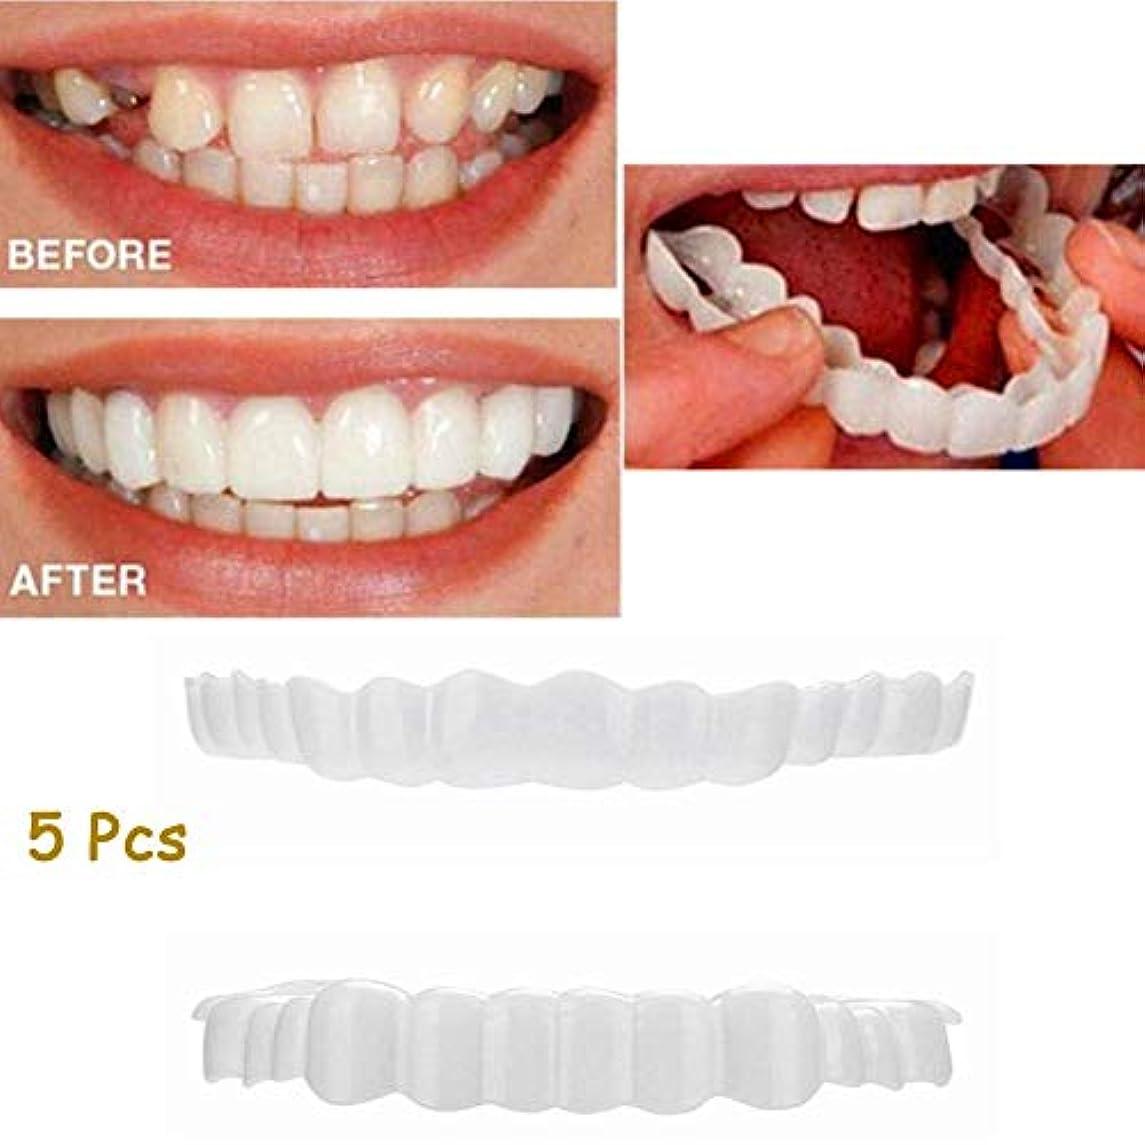 遠洋のサーカス根拠5本の上歯+下歯セット偽の歯を白くする完璧な化粧品の歯